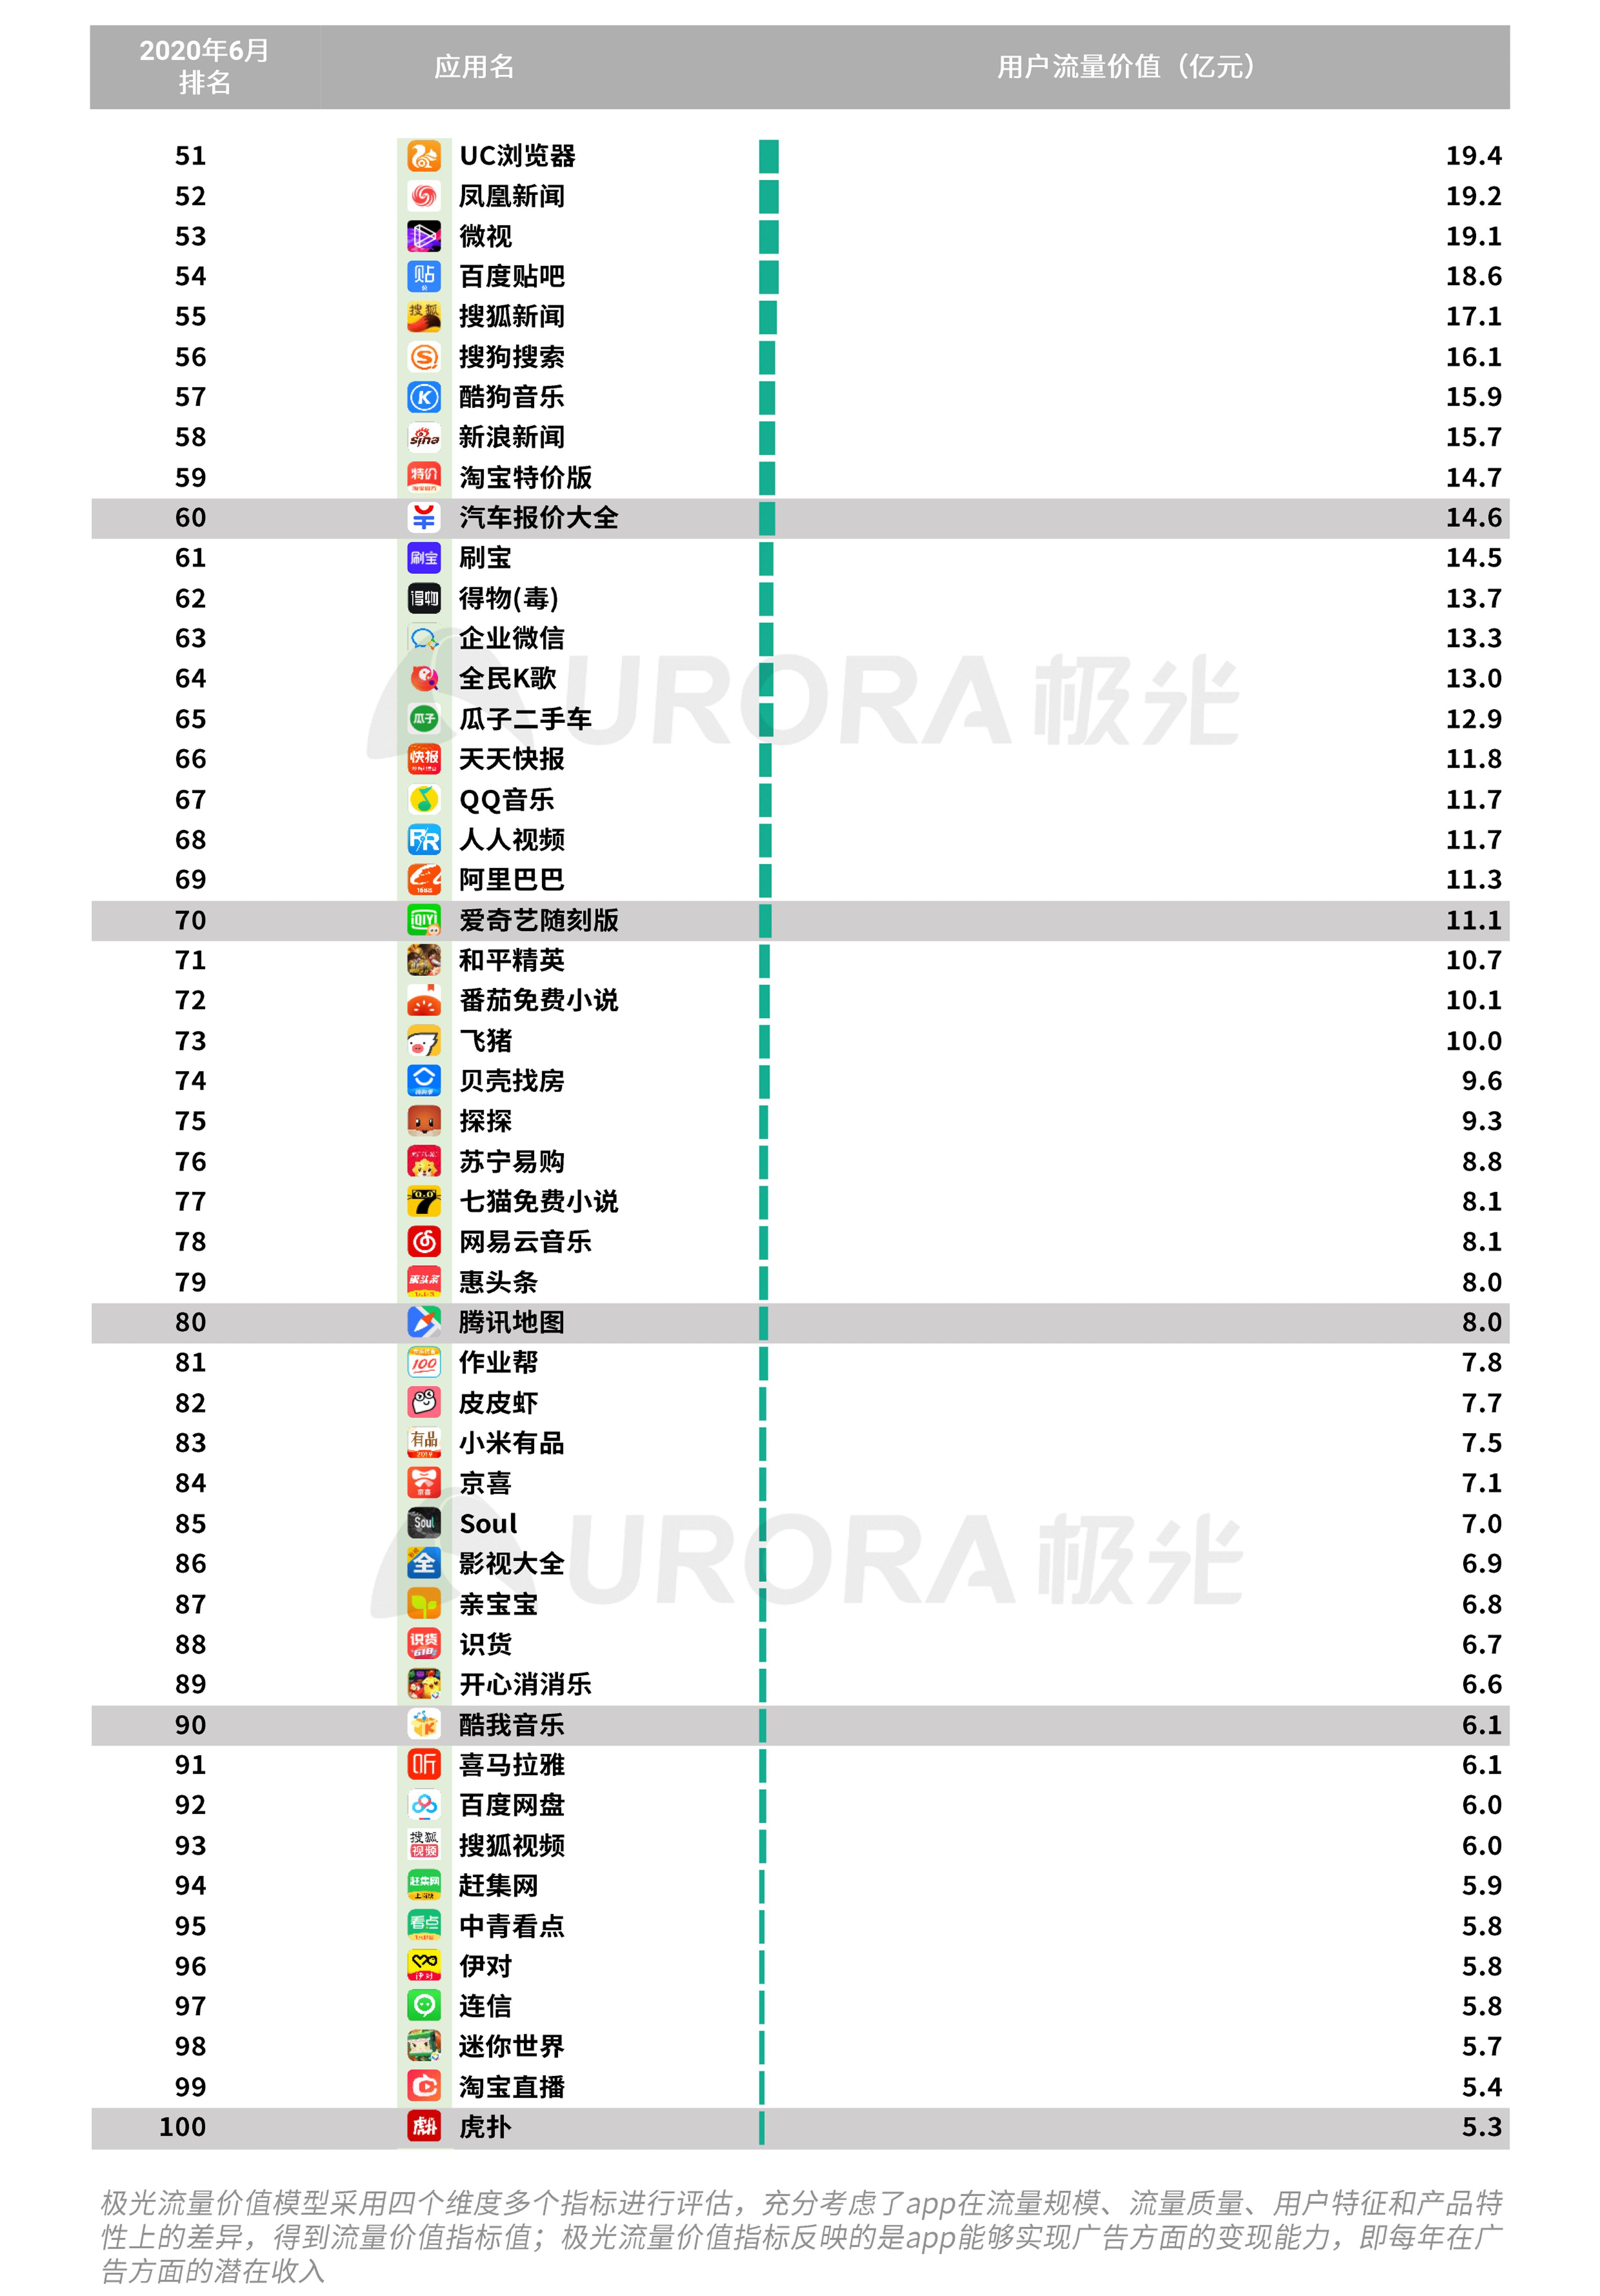 极光:2020Q2互联网行业数据研究报告 (38).png